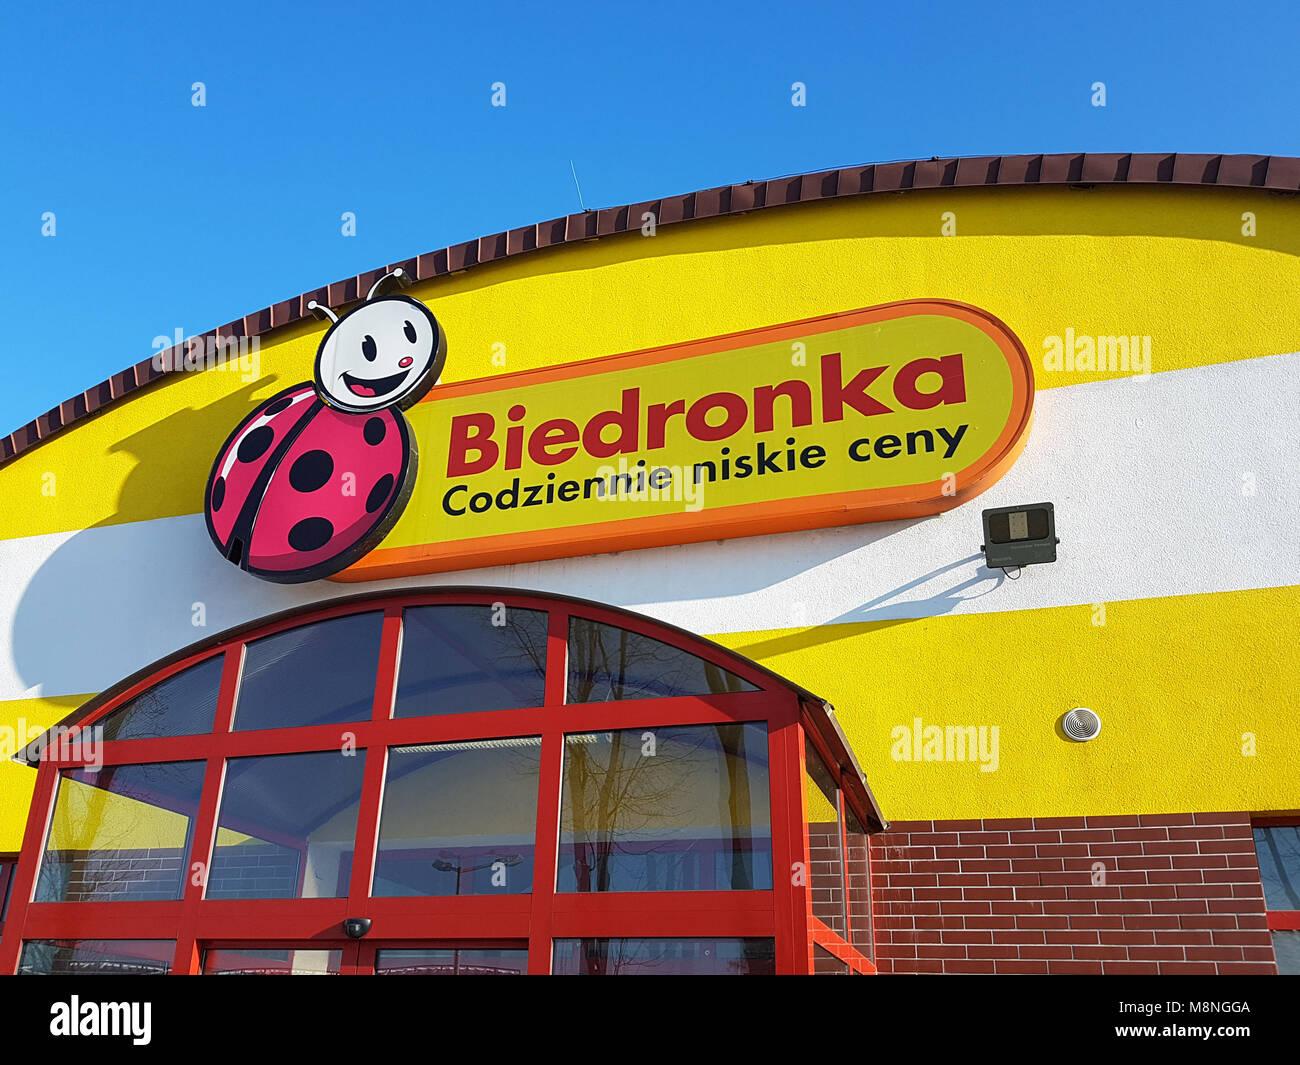 Kraków, Pologne - 19 Février 2017: vue extérieure de la Biedronka supermarché avec le logo situé sur le dessus de l'entrée. Banque D'Images